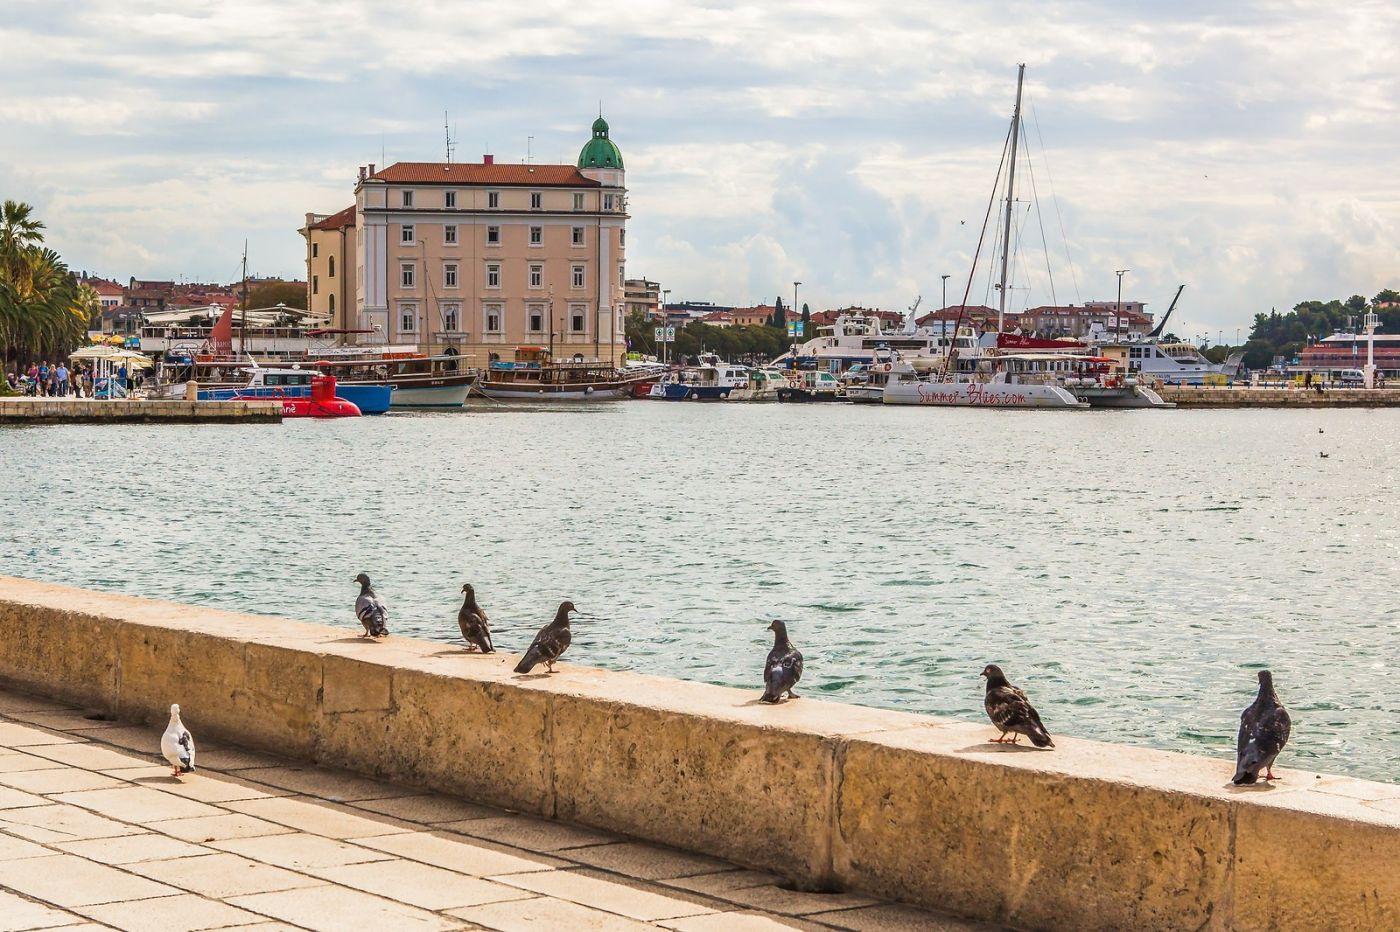 克罗地亚斯普利特(Split),美丽海滨城市_图1-33